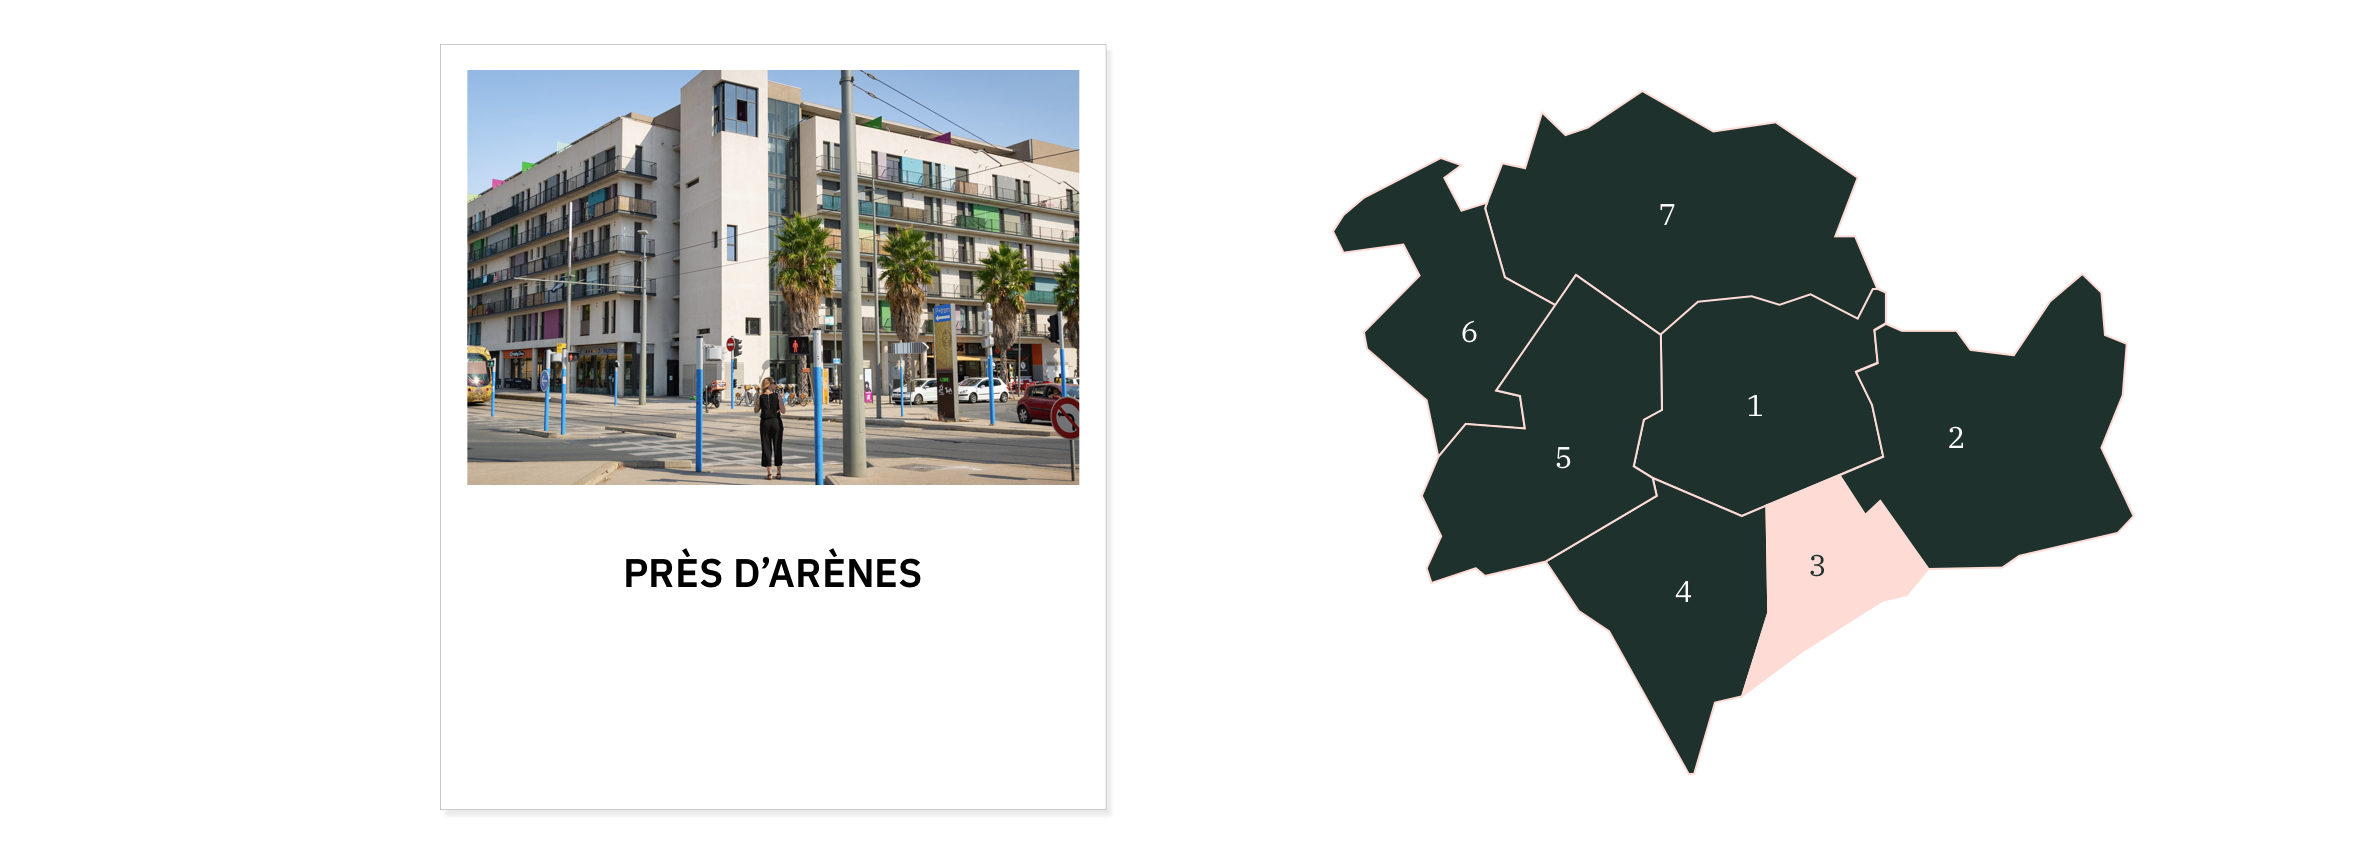 Près d'Arènes ⎮ Carte des quartiers de Montpellier